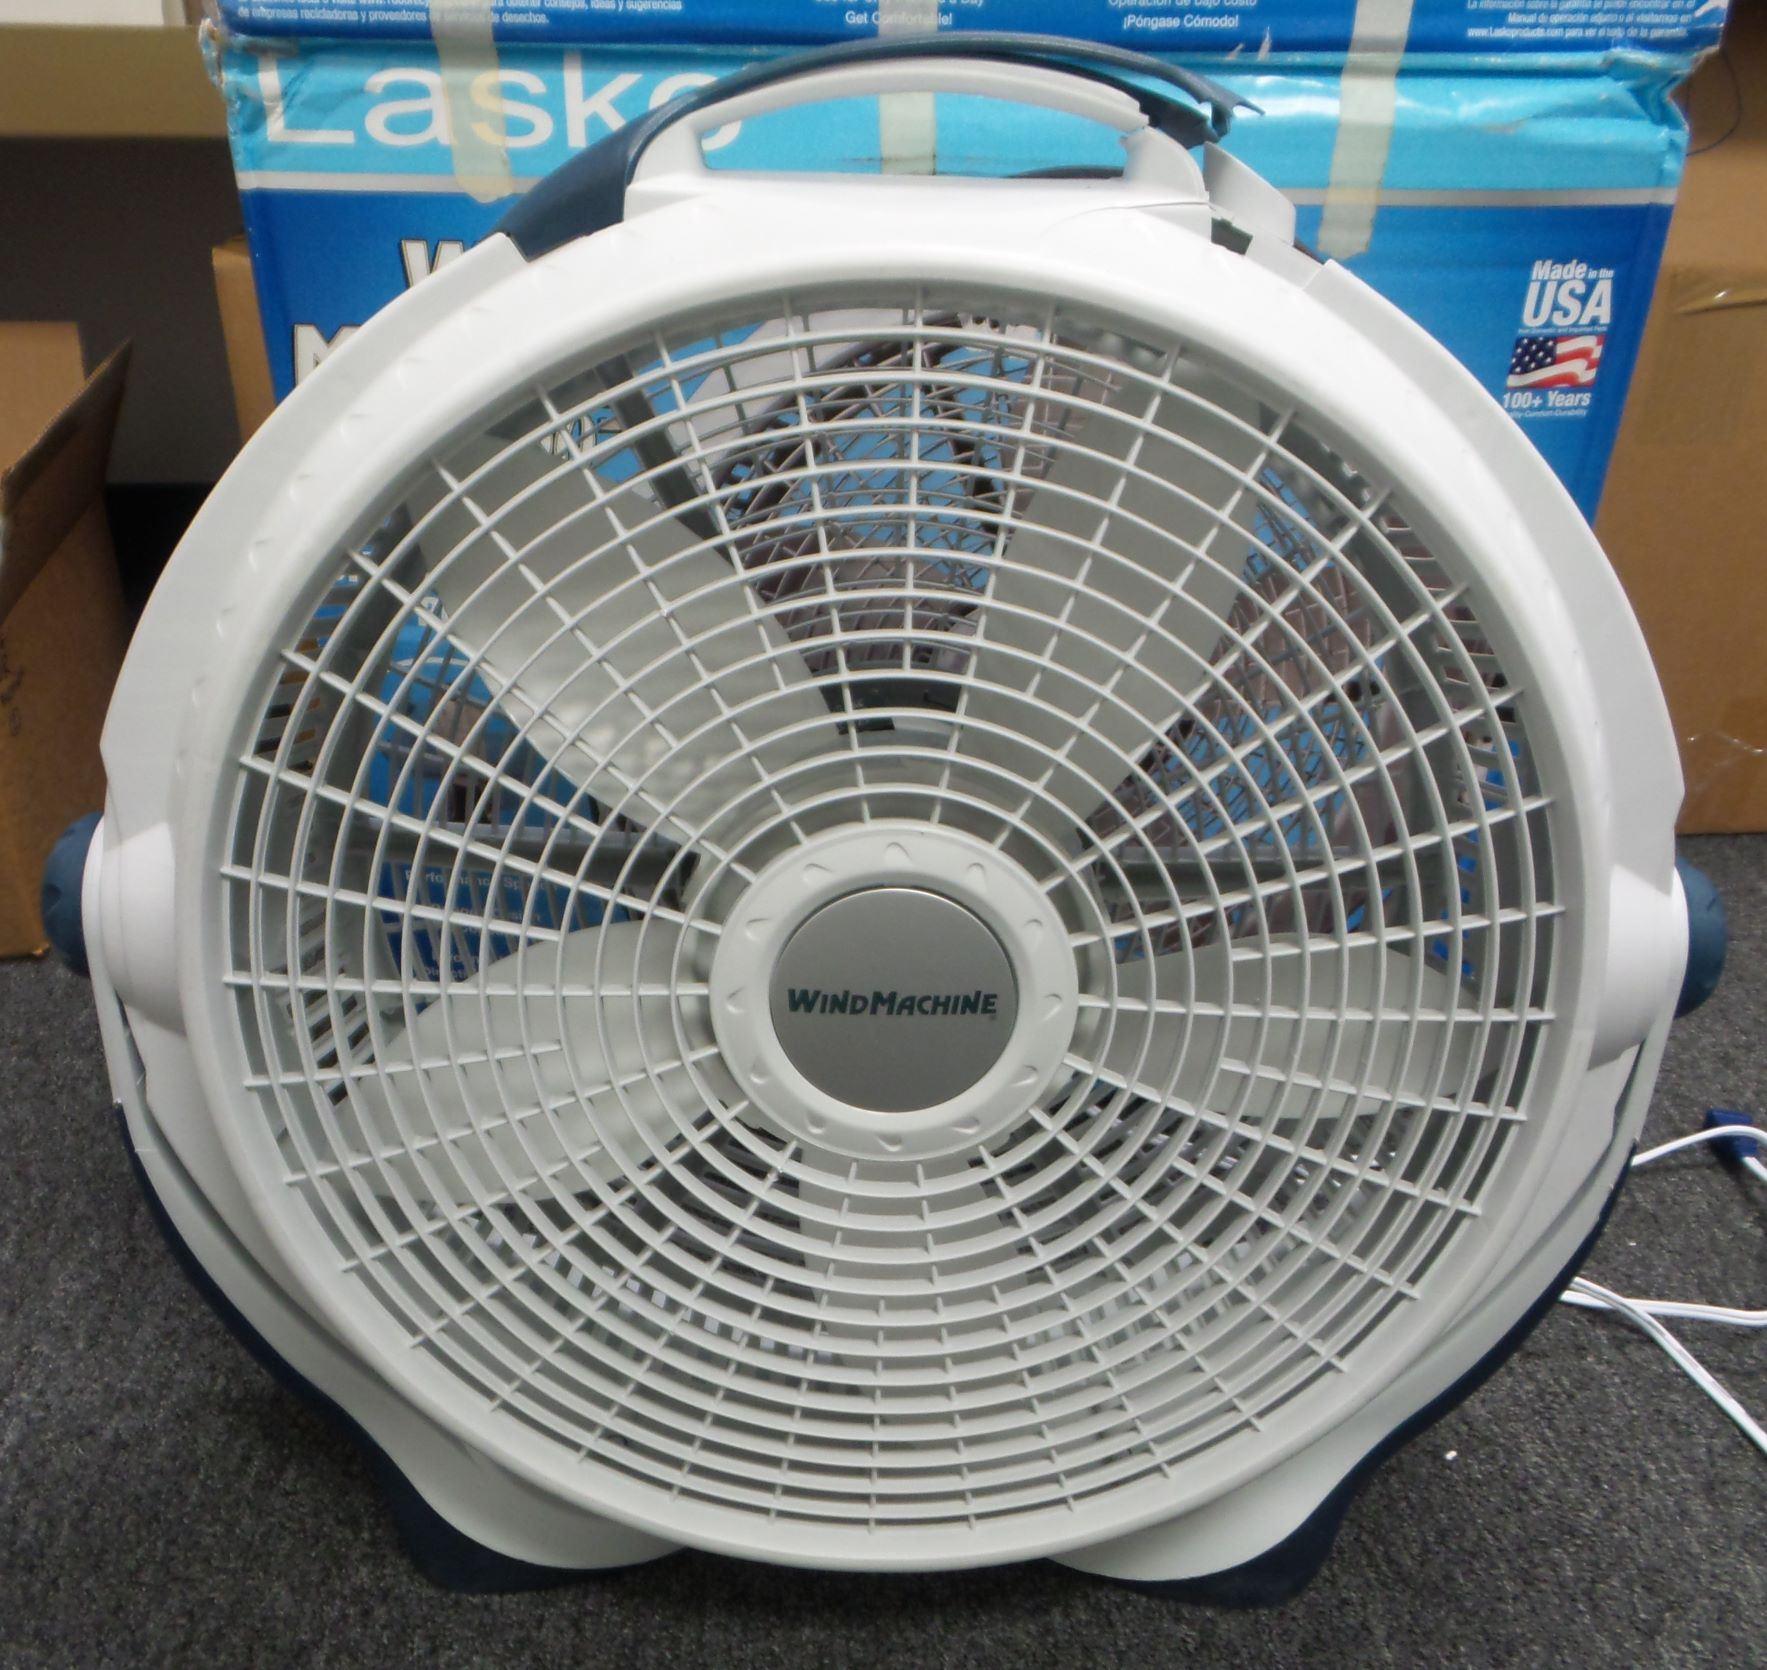 Galaxy Floor Fan : Lasko wind machine quot floor fan speed local pickup